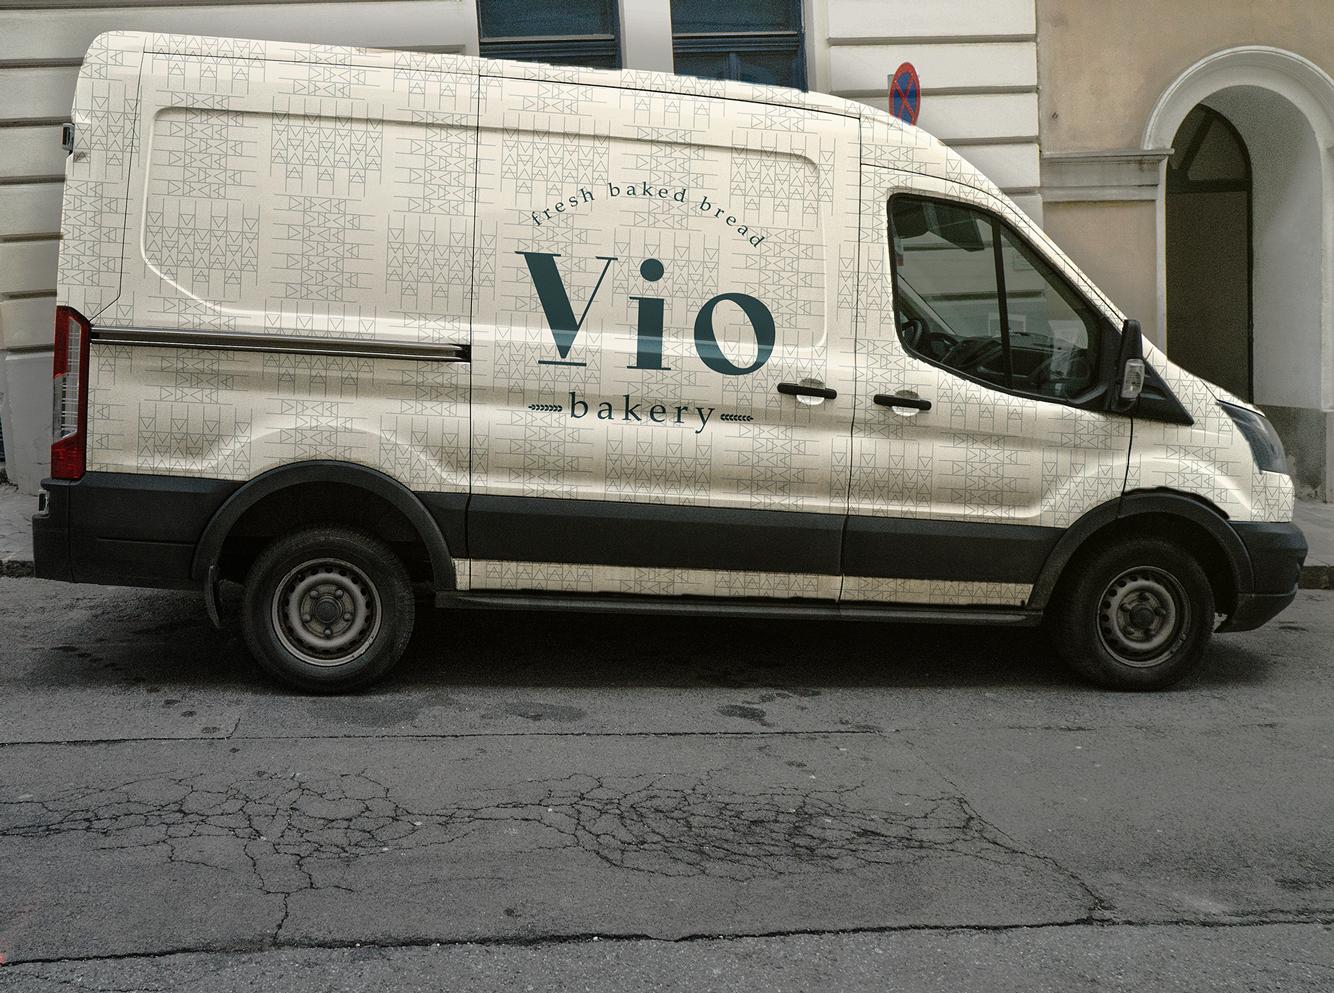 Car branding for bakery brand